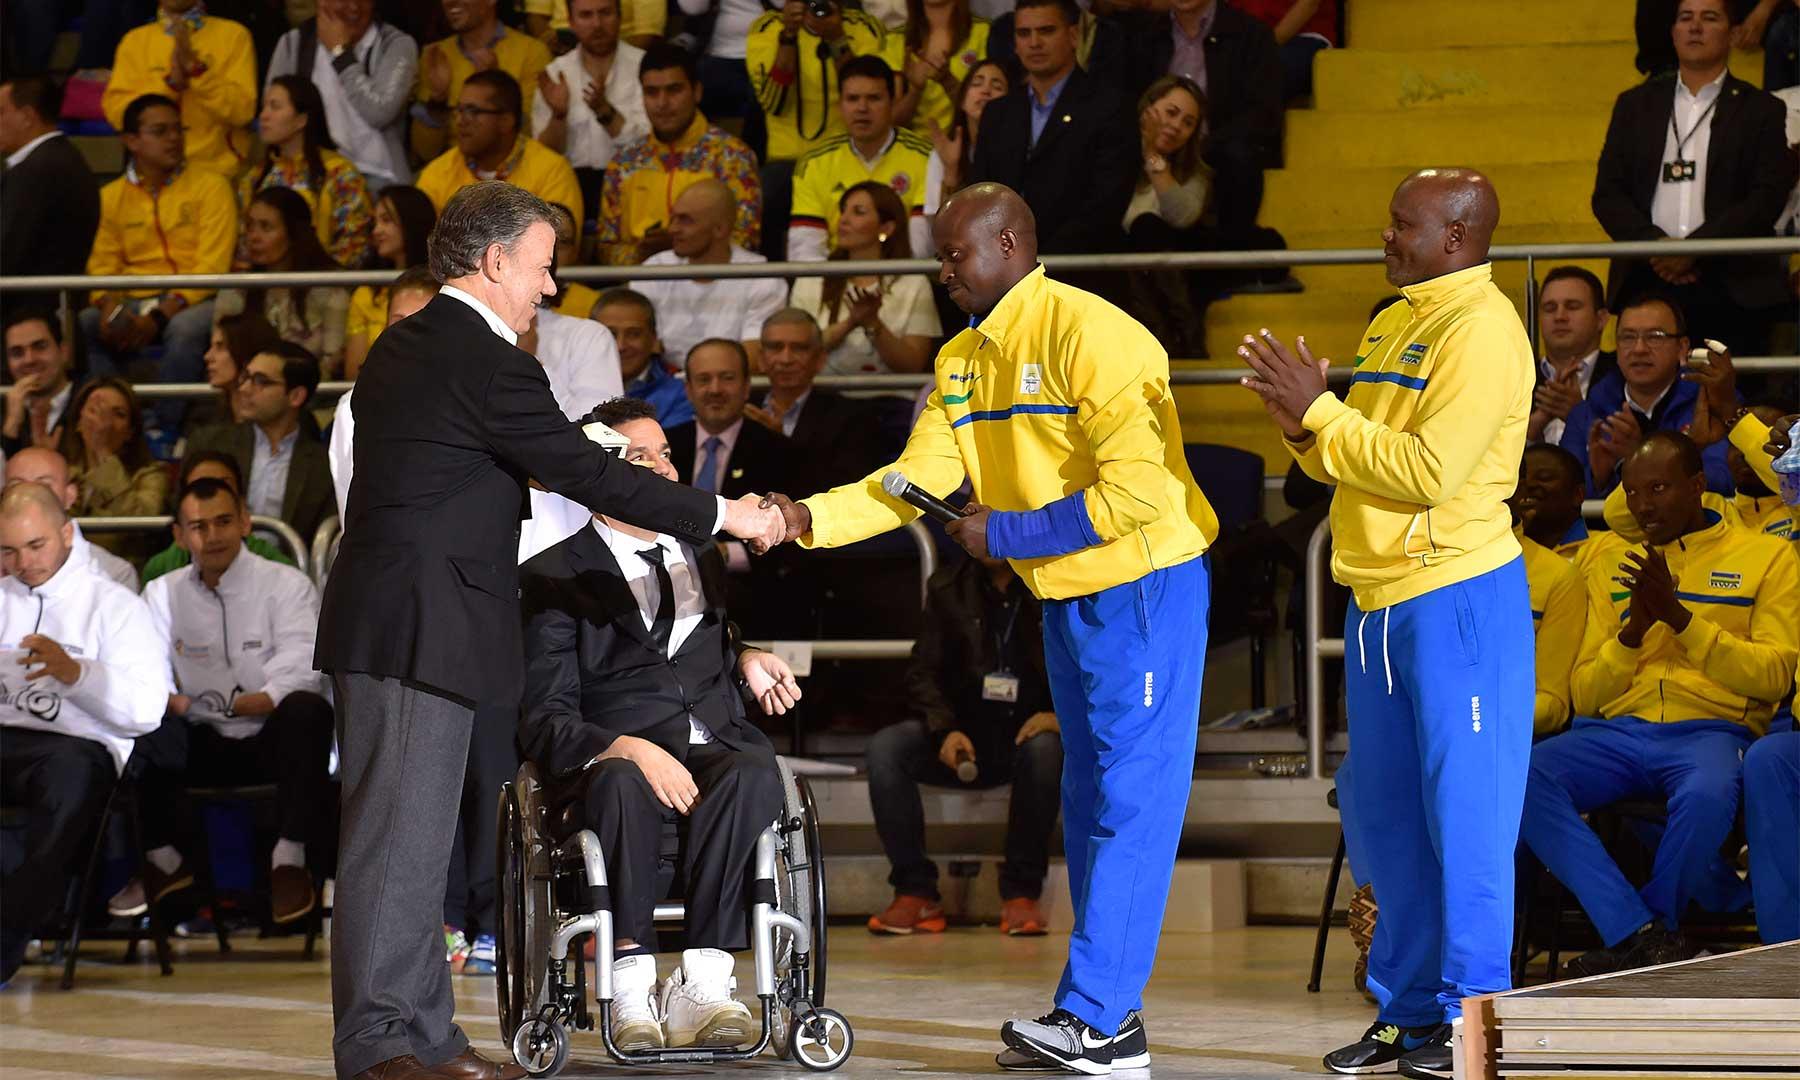 El Presidente Santos saluda a dos jugadores ruandeses de voleibol sentado, quienes antes eran combatientes y ahora juegan en el mismo equipo, y dijo que son un ejemplo de lo le depara a Colombia.